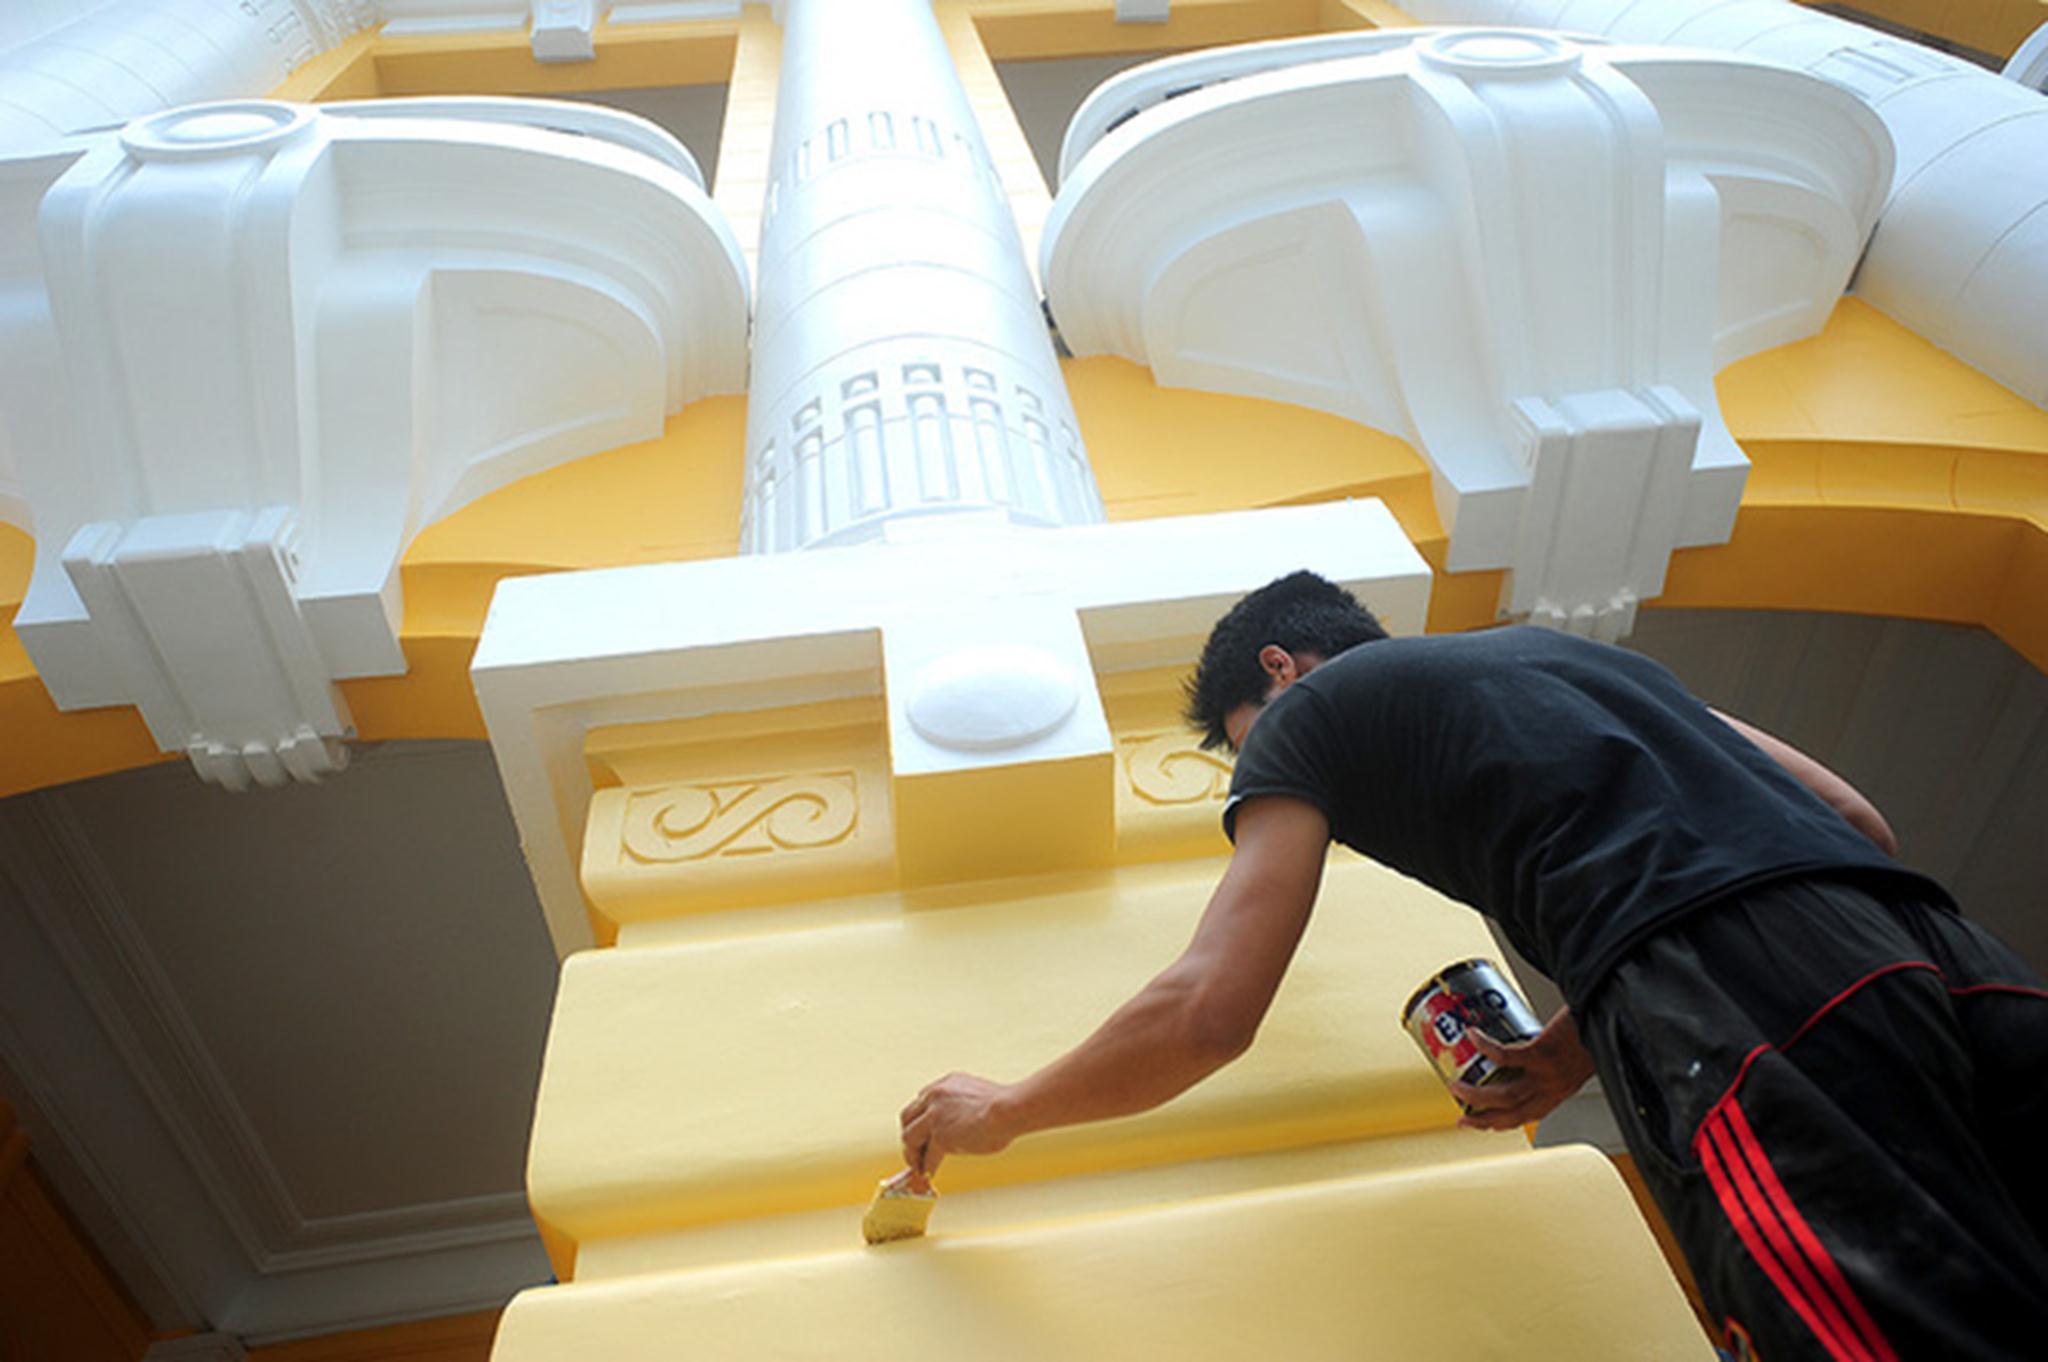 Trao đổi với VnExpress, bà Nguyễn Thị Minh Nguyệt, Giám đốc Nhà hát Lớn, cho biết nhà hát đang trong thời gian sửa chữa, chưa hoàn thiện. Màu sơn mặt tiền sẽ còn phải sơn tiếp. Việc tu sửa đã xin phép cơ quan chức năng.